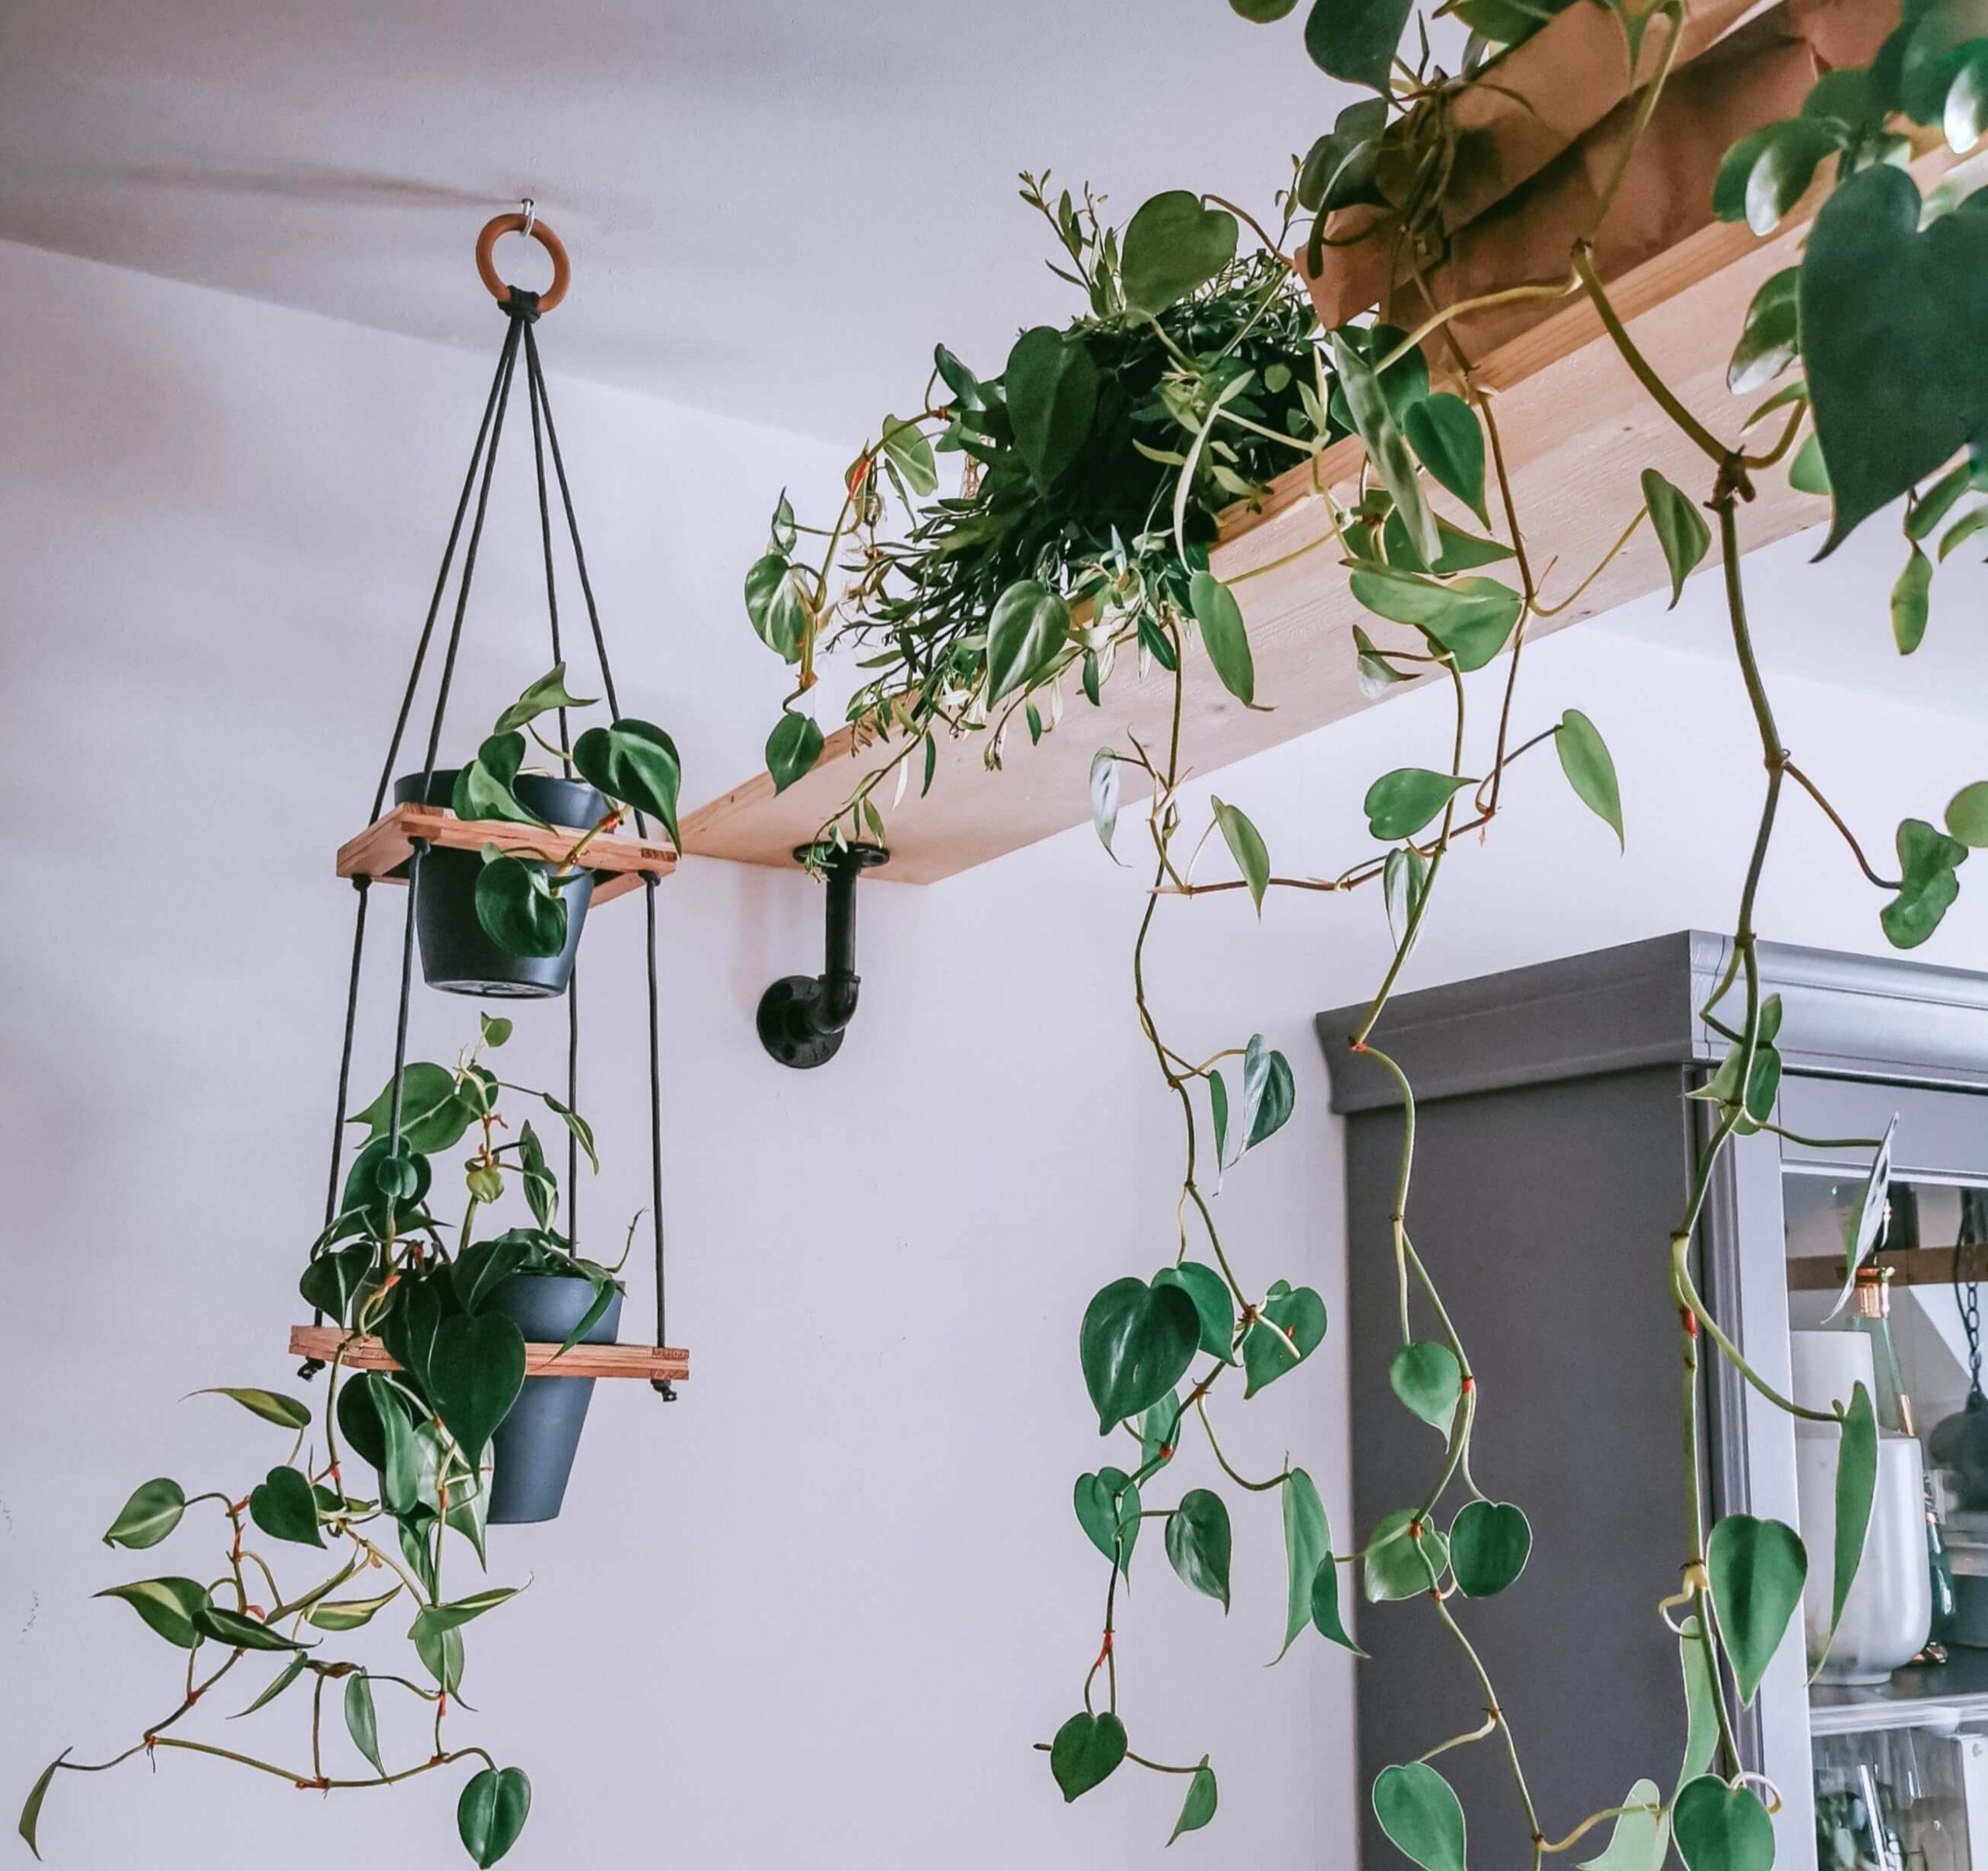 0 IMG 20200923 154443 1 scaled - Tip pre botanikov: závesný stojan na rastliny v 4 krokoch